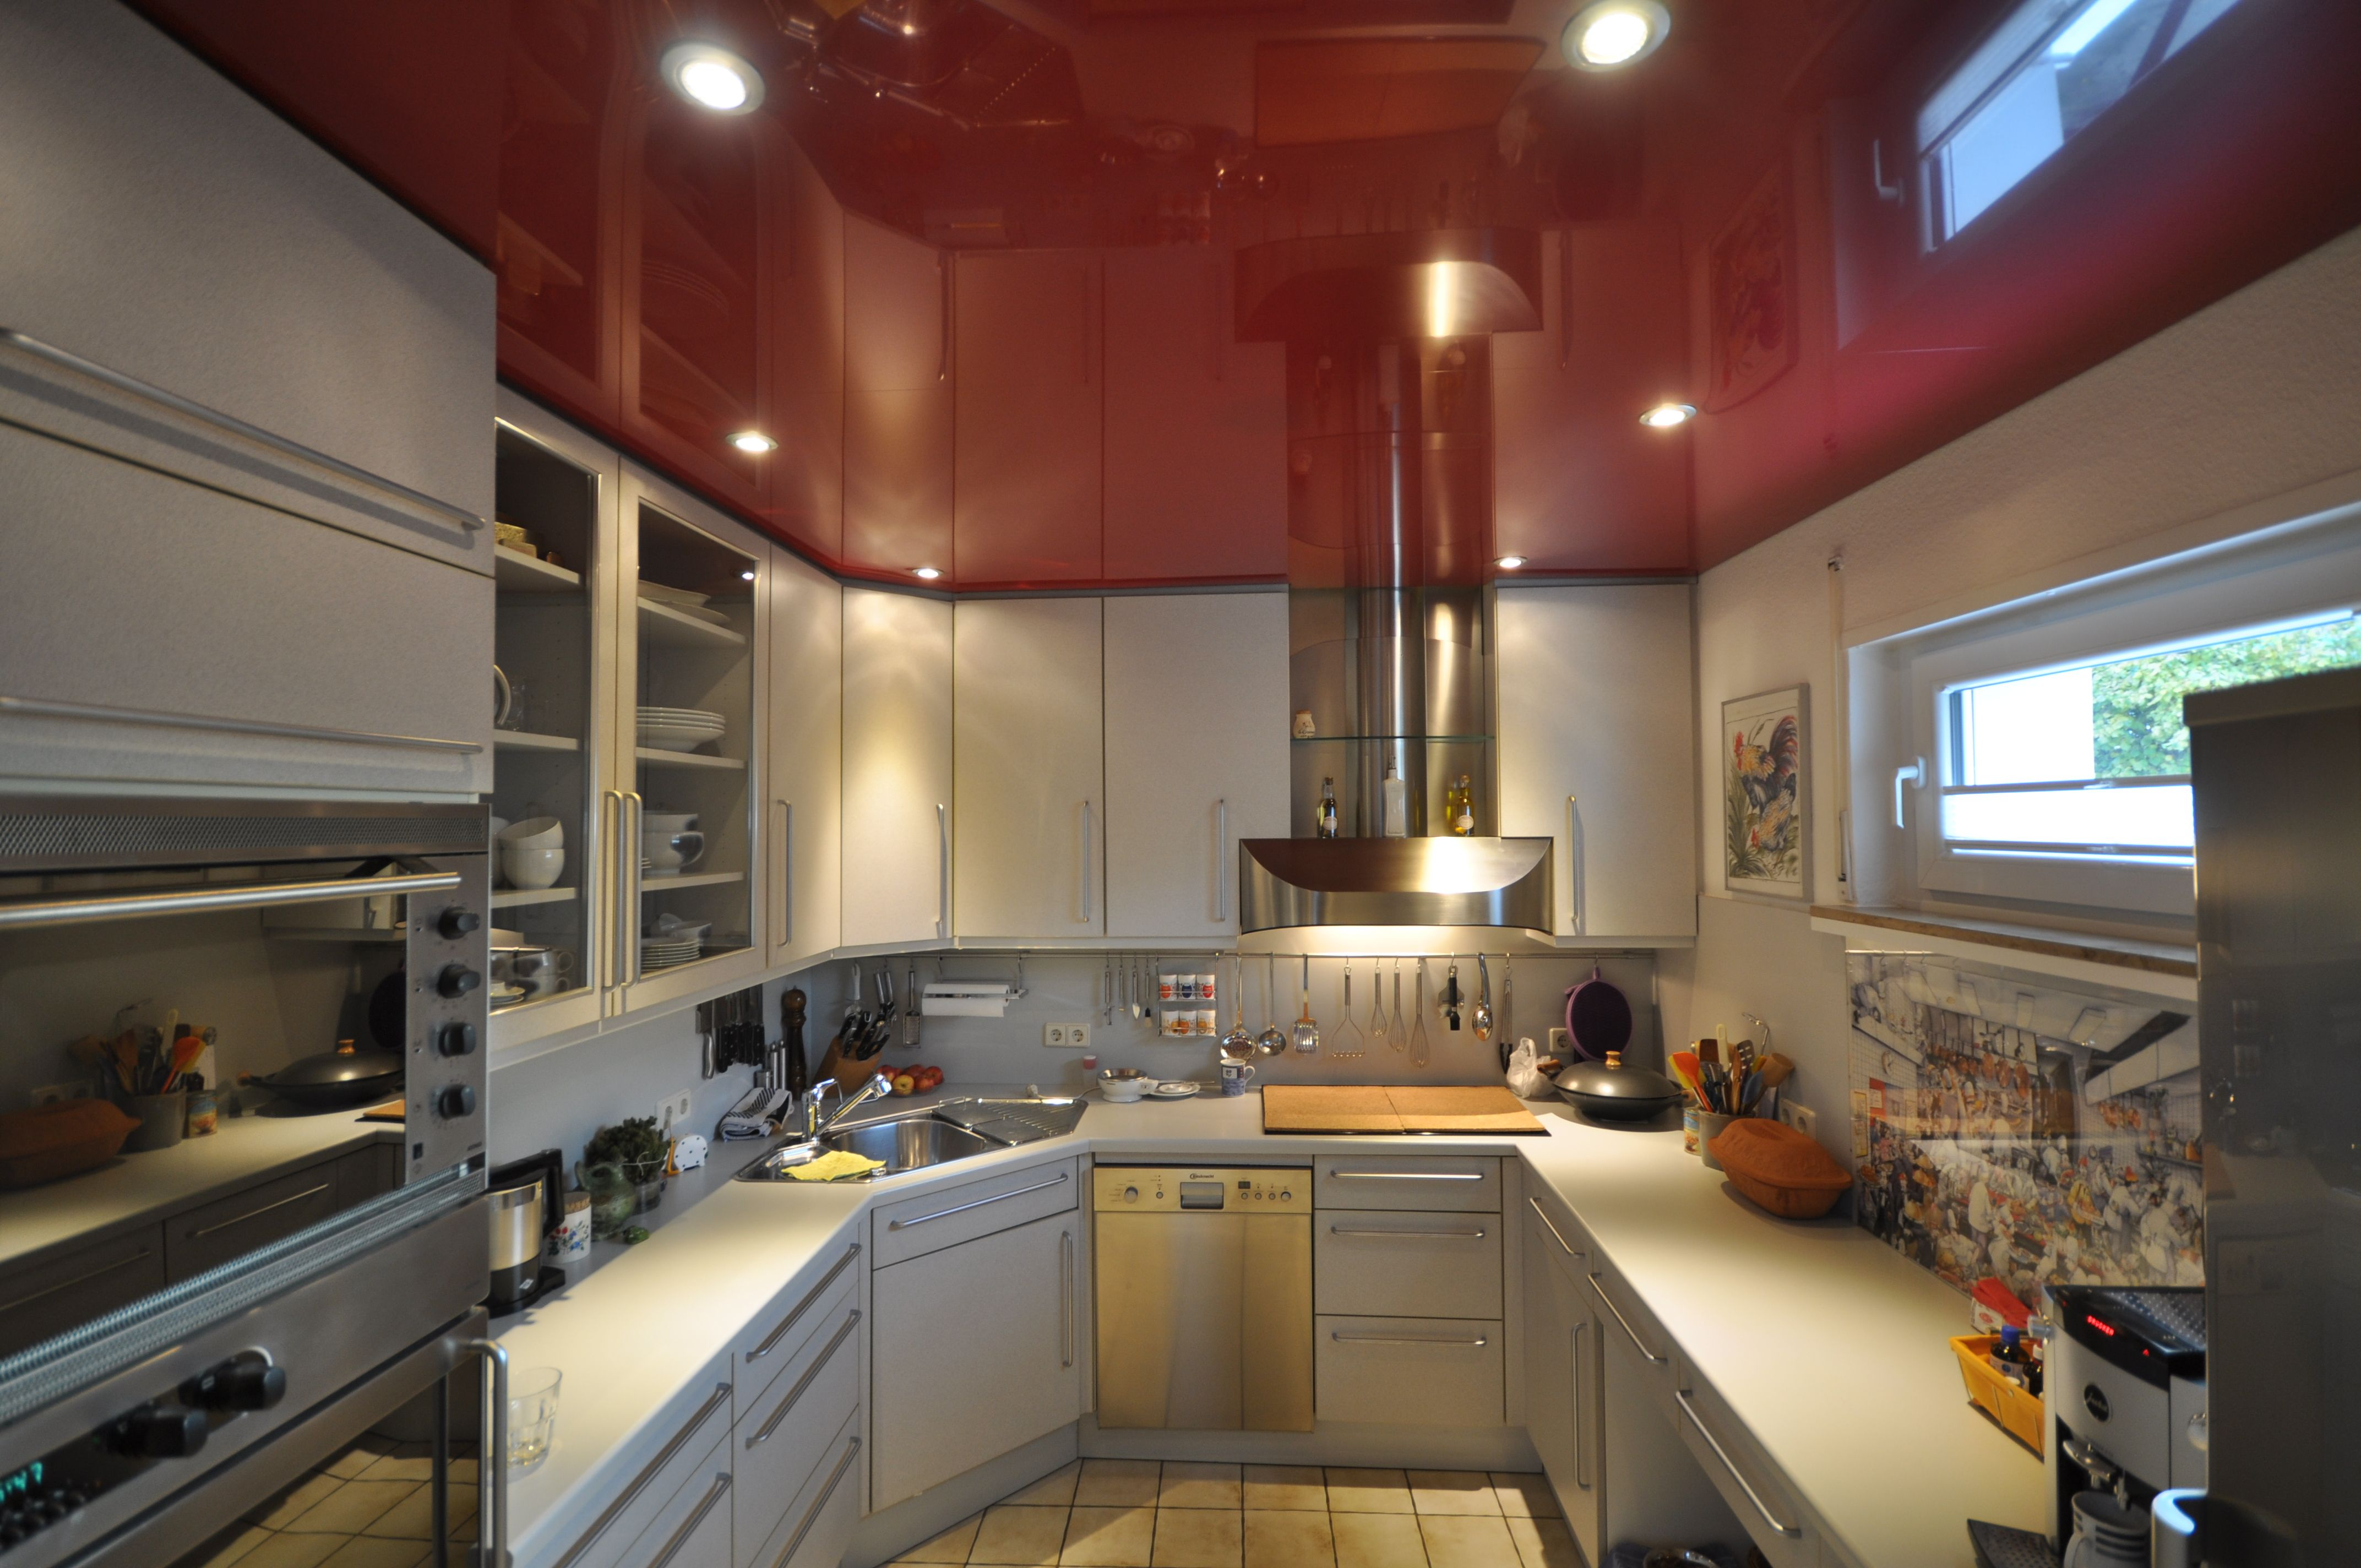 rote spanndecke in der k che mit led einbaustrahlern kueche decke kochen rot design. Black Bedroom Furniture Sets. Home Design Ideas